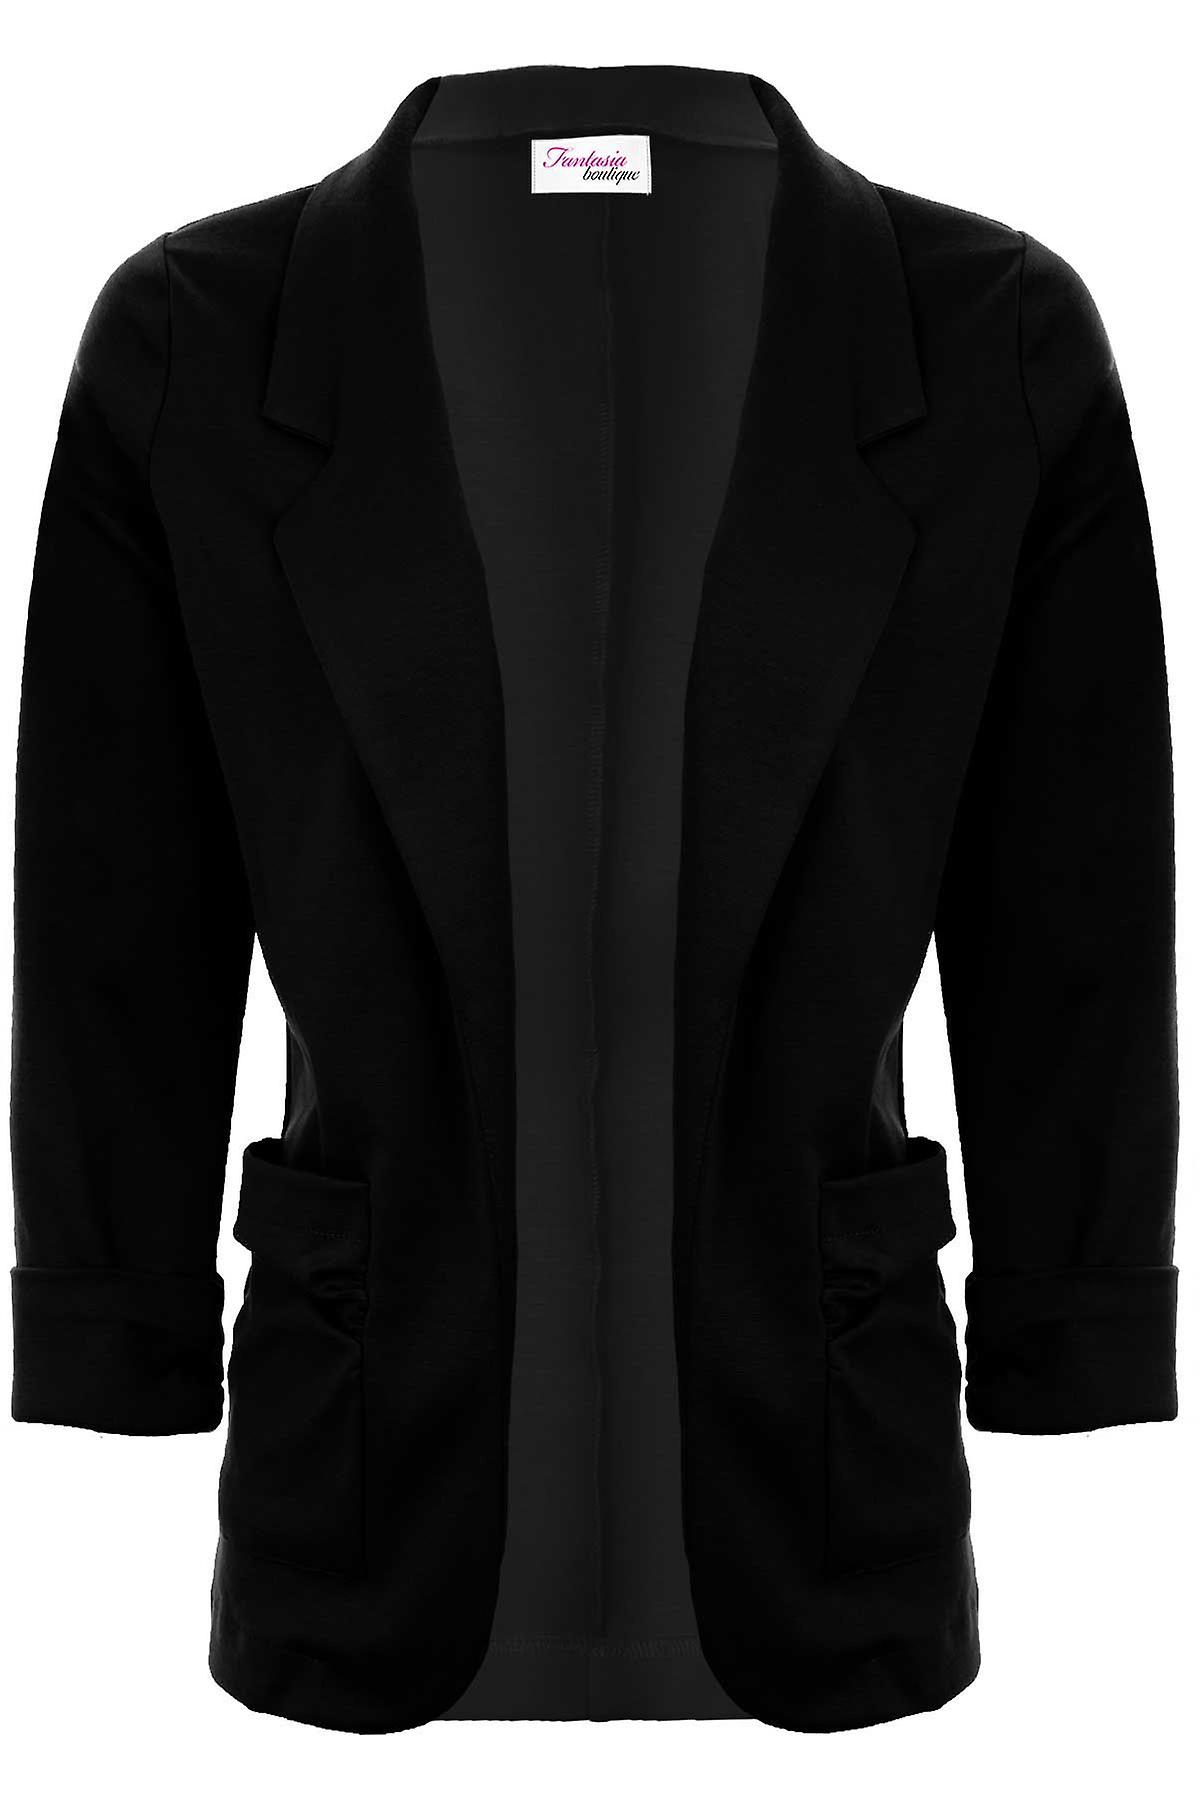 Naisten avoin edessä kääntää ylös käsiraudat Ruched Pocket bleiseri naisten takki